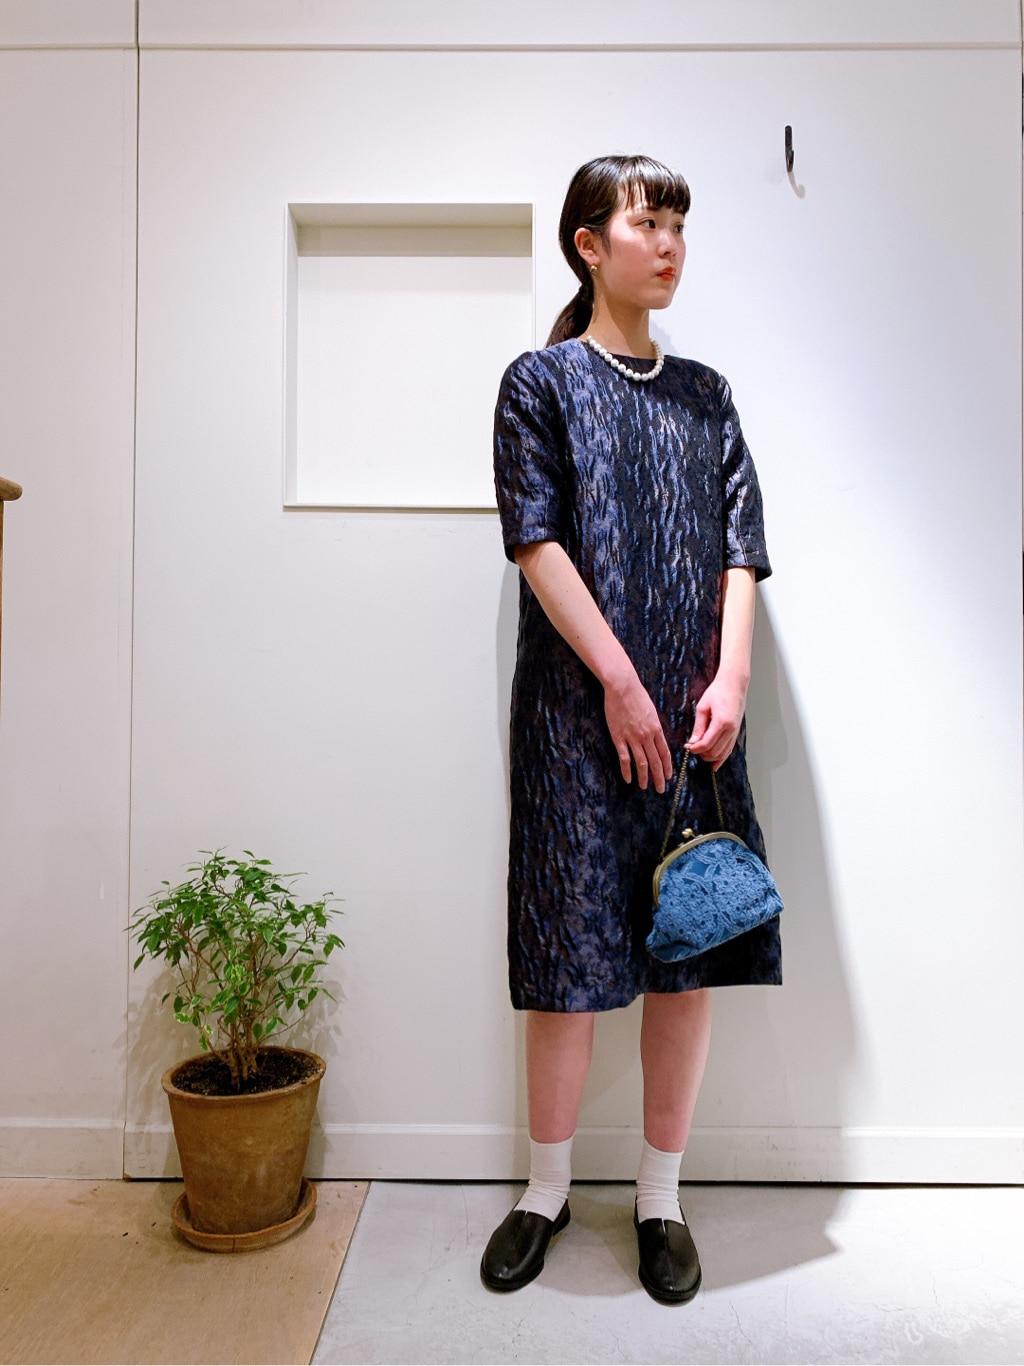 bulle de savon アトレ川崎 身長:168cm 2021.02.08